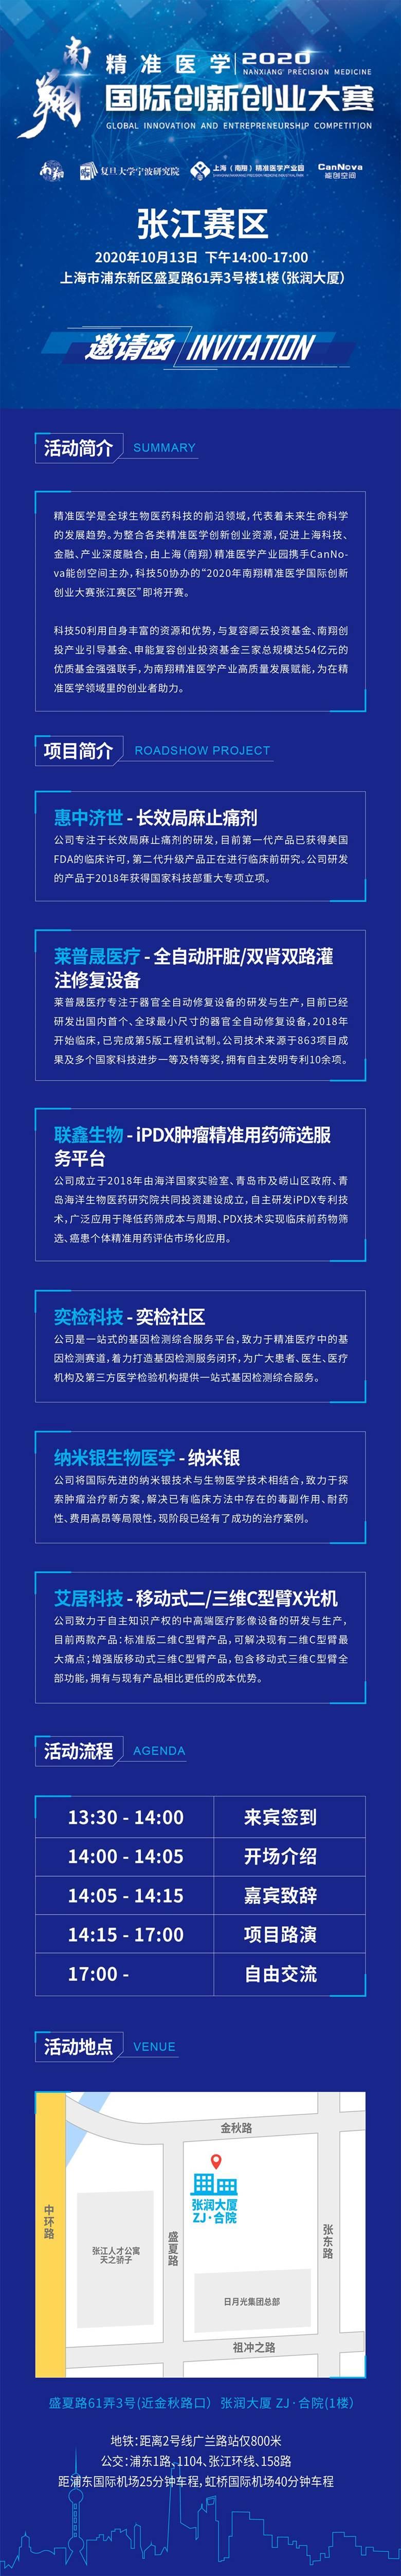 2020精准医学大赛916 普通邀请函 HDX-01.jpg